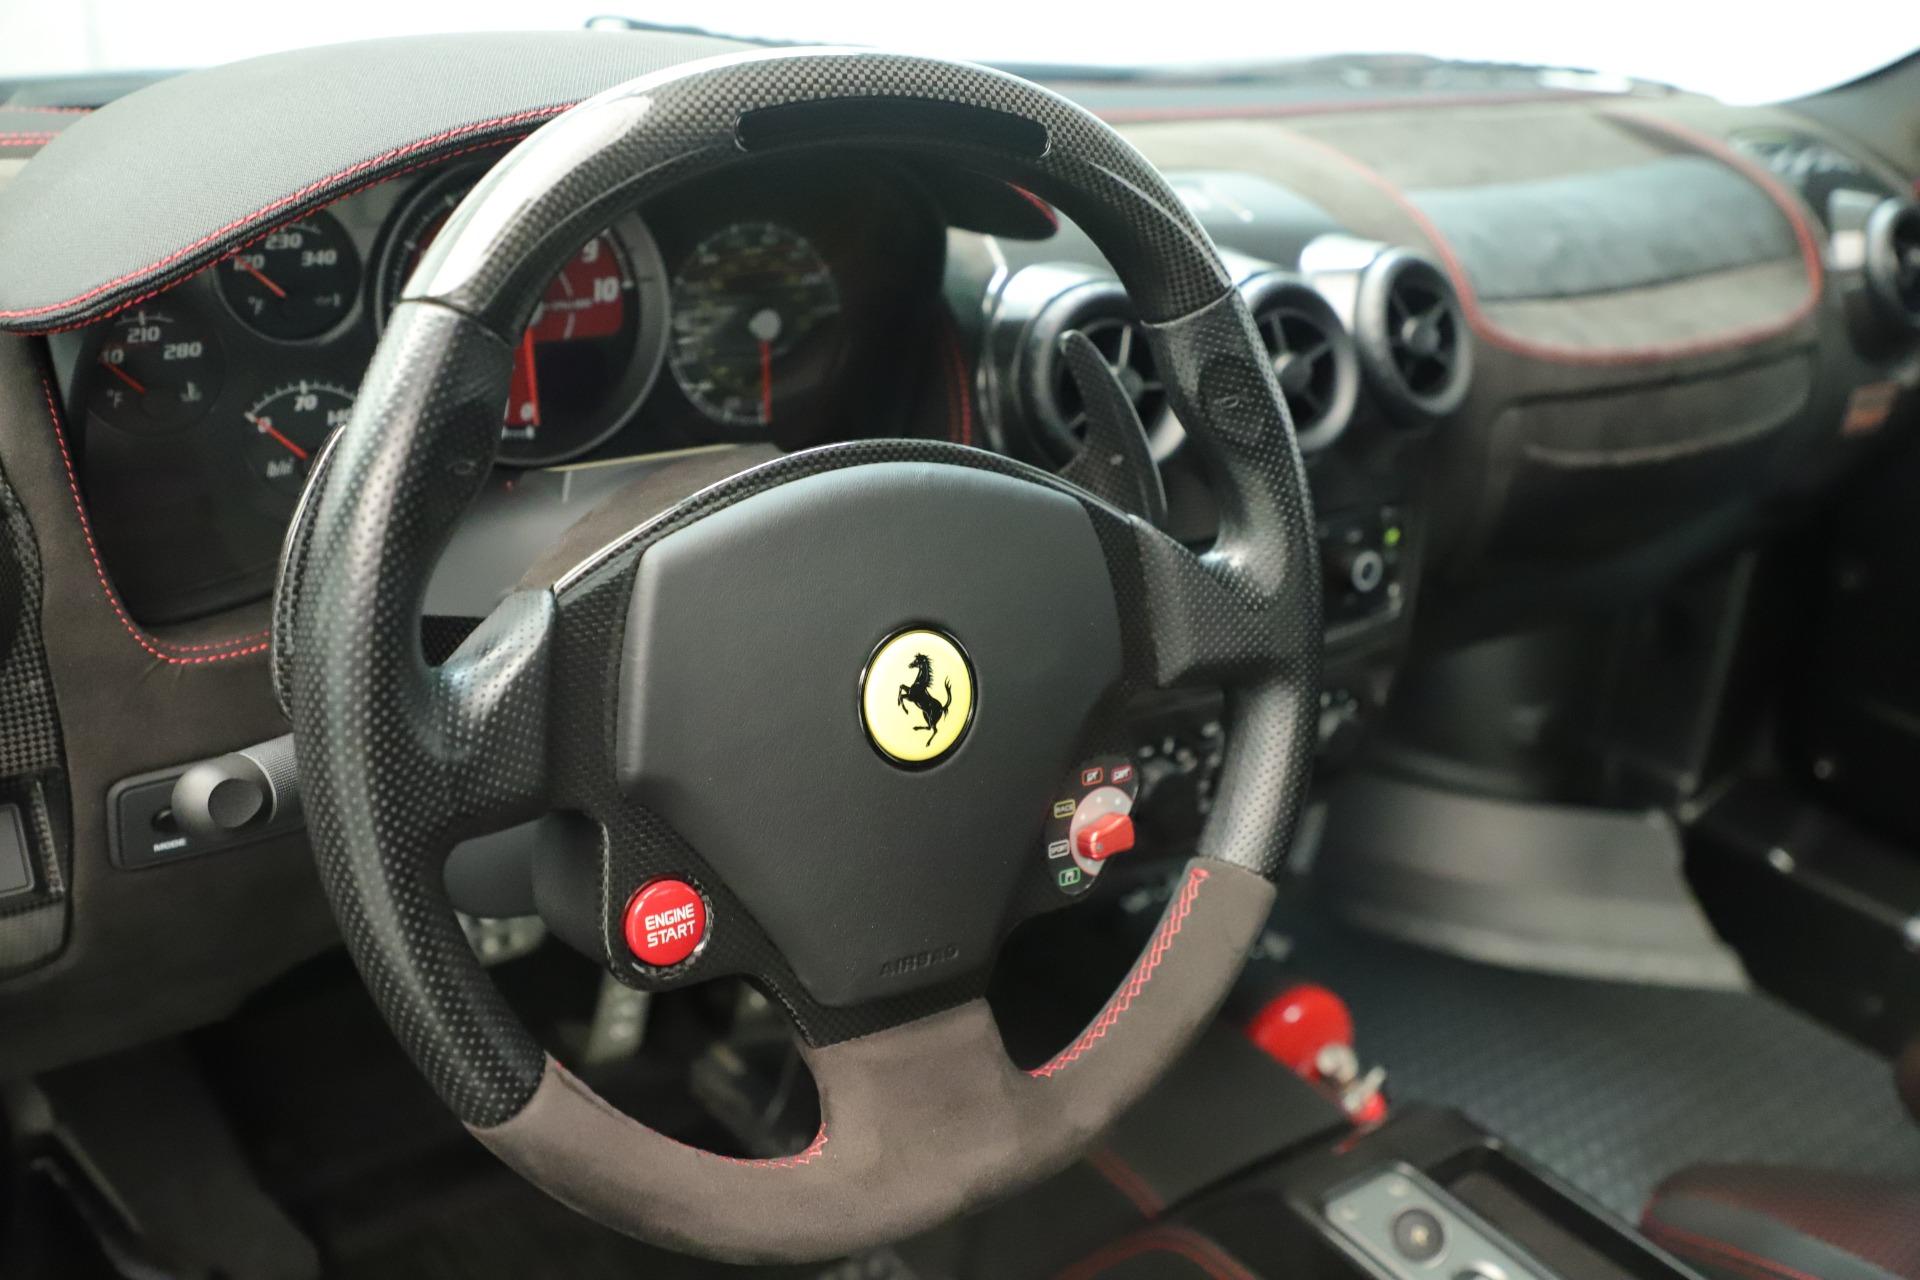 Used 2008 Ferrari F430 Scuderia For Sale In Greenwich, CT 3500_p20